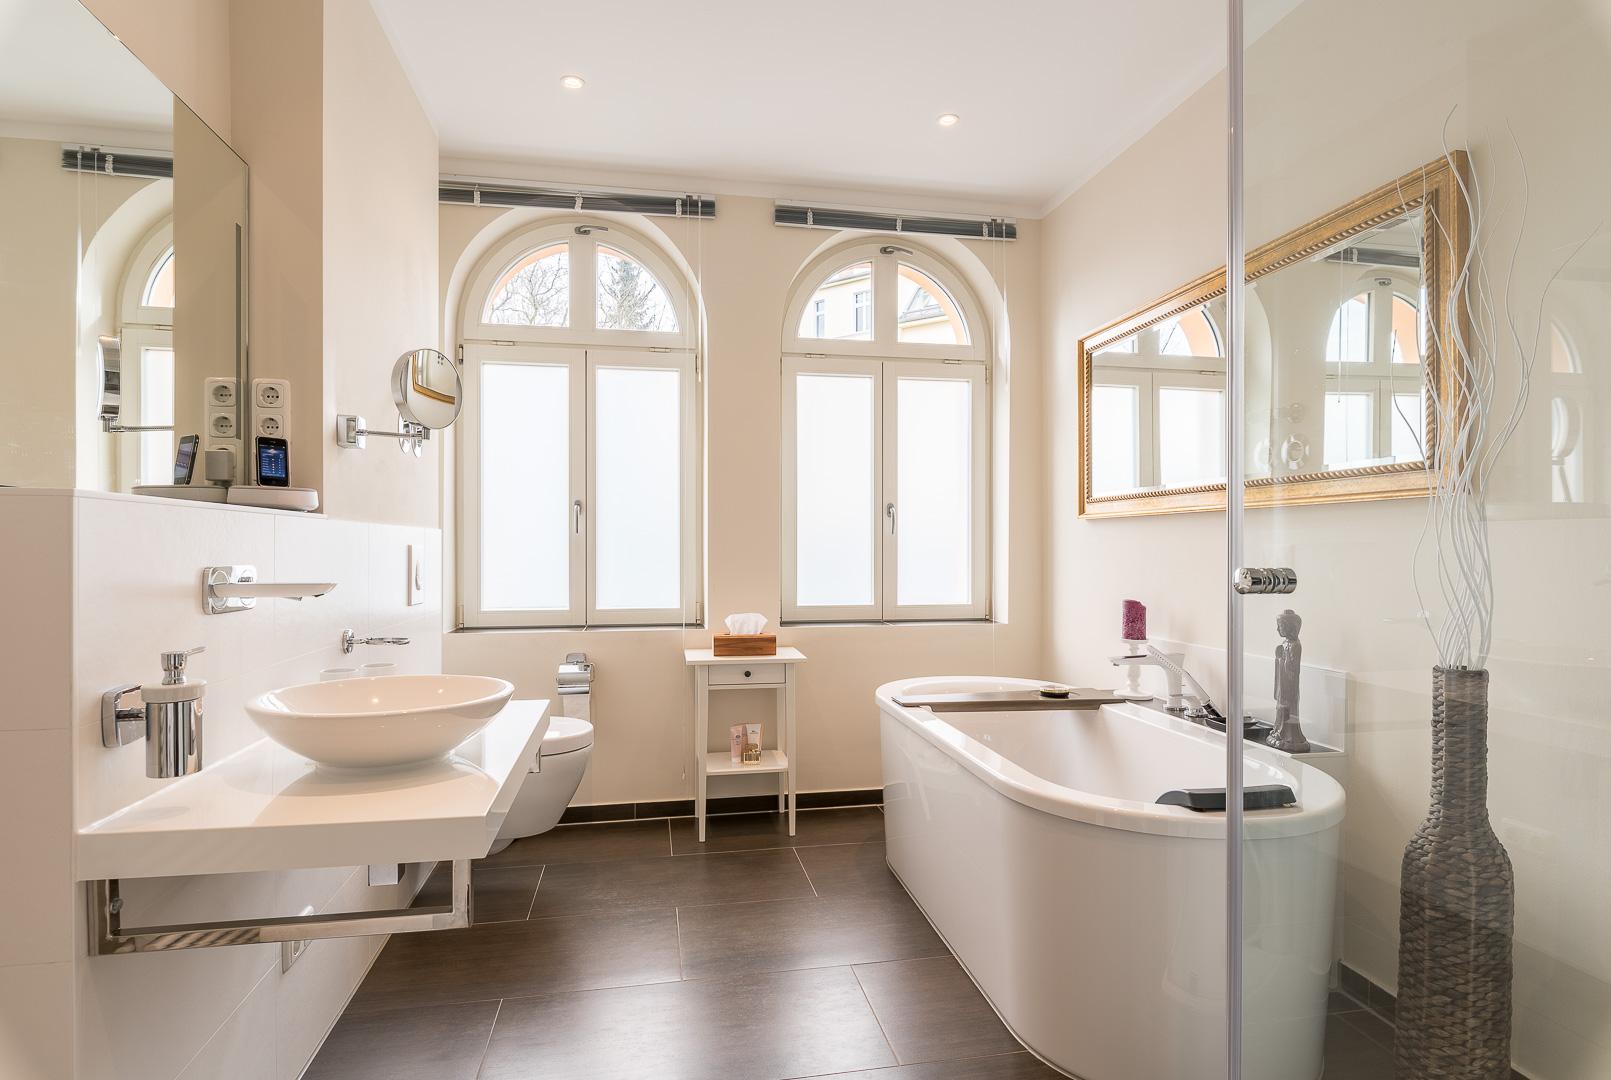 Hochmodernes Badezimmer im historischen Schloss-Ambiente  PrimePhoto